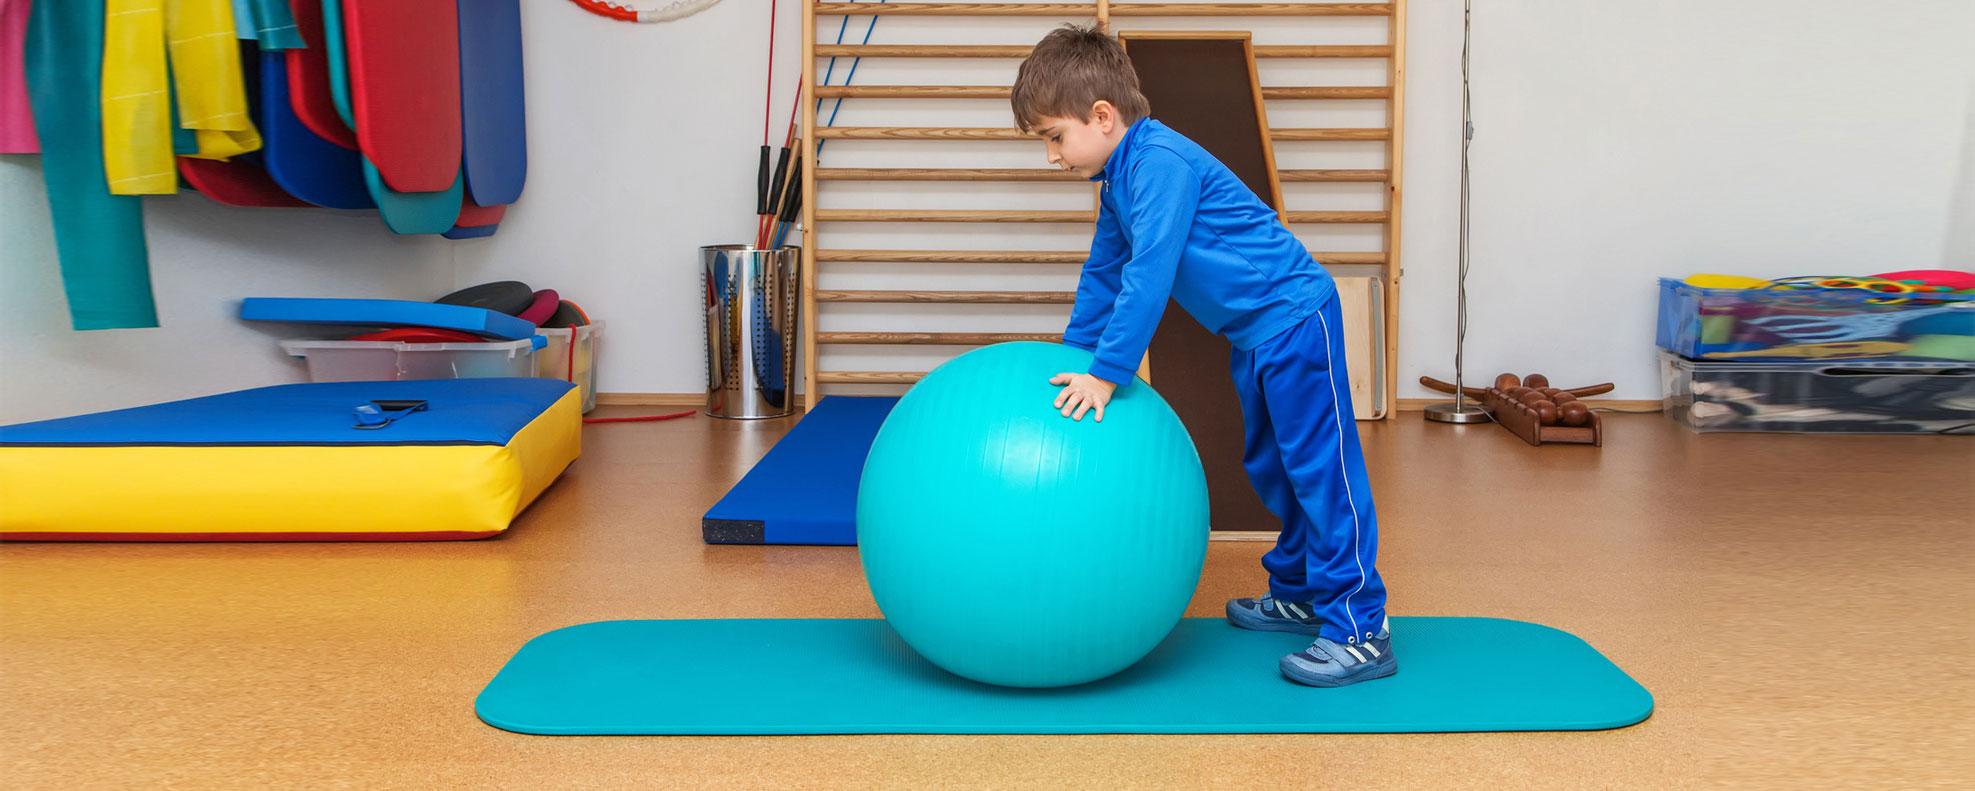 fysiotherapiebalkinderen